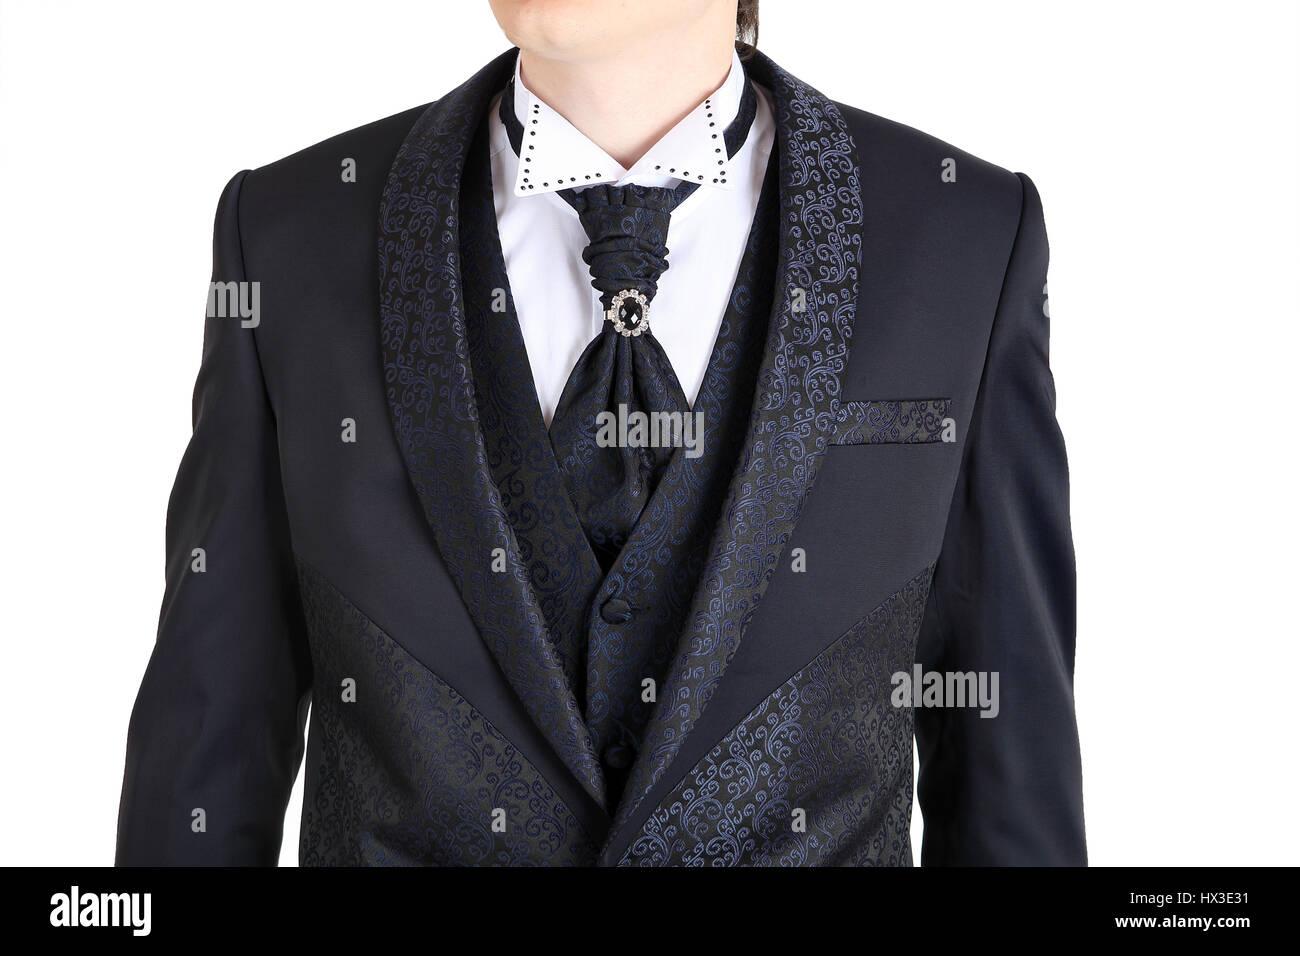 Dunkel Grau Herren Hochzeitsanzug Bedruckt Mit Blumen Einem Button